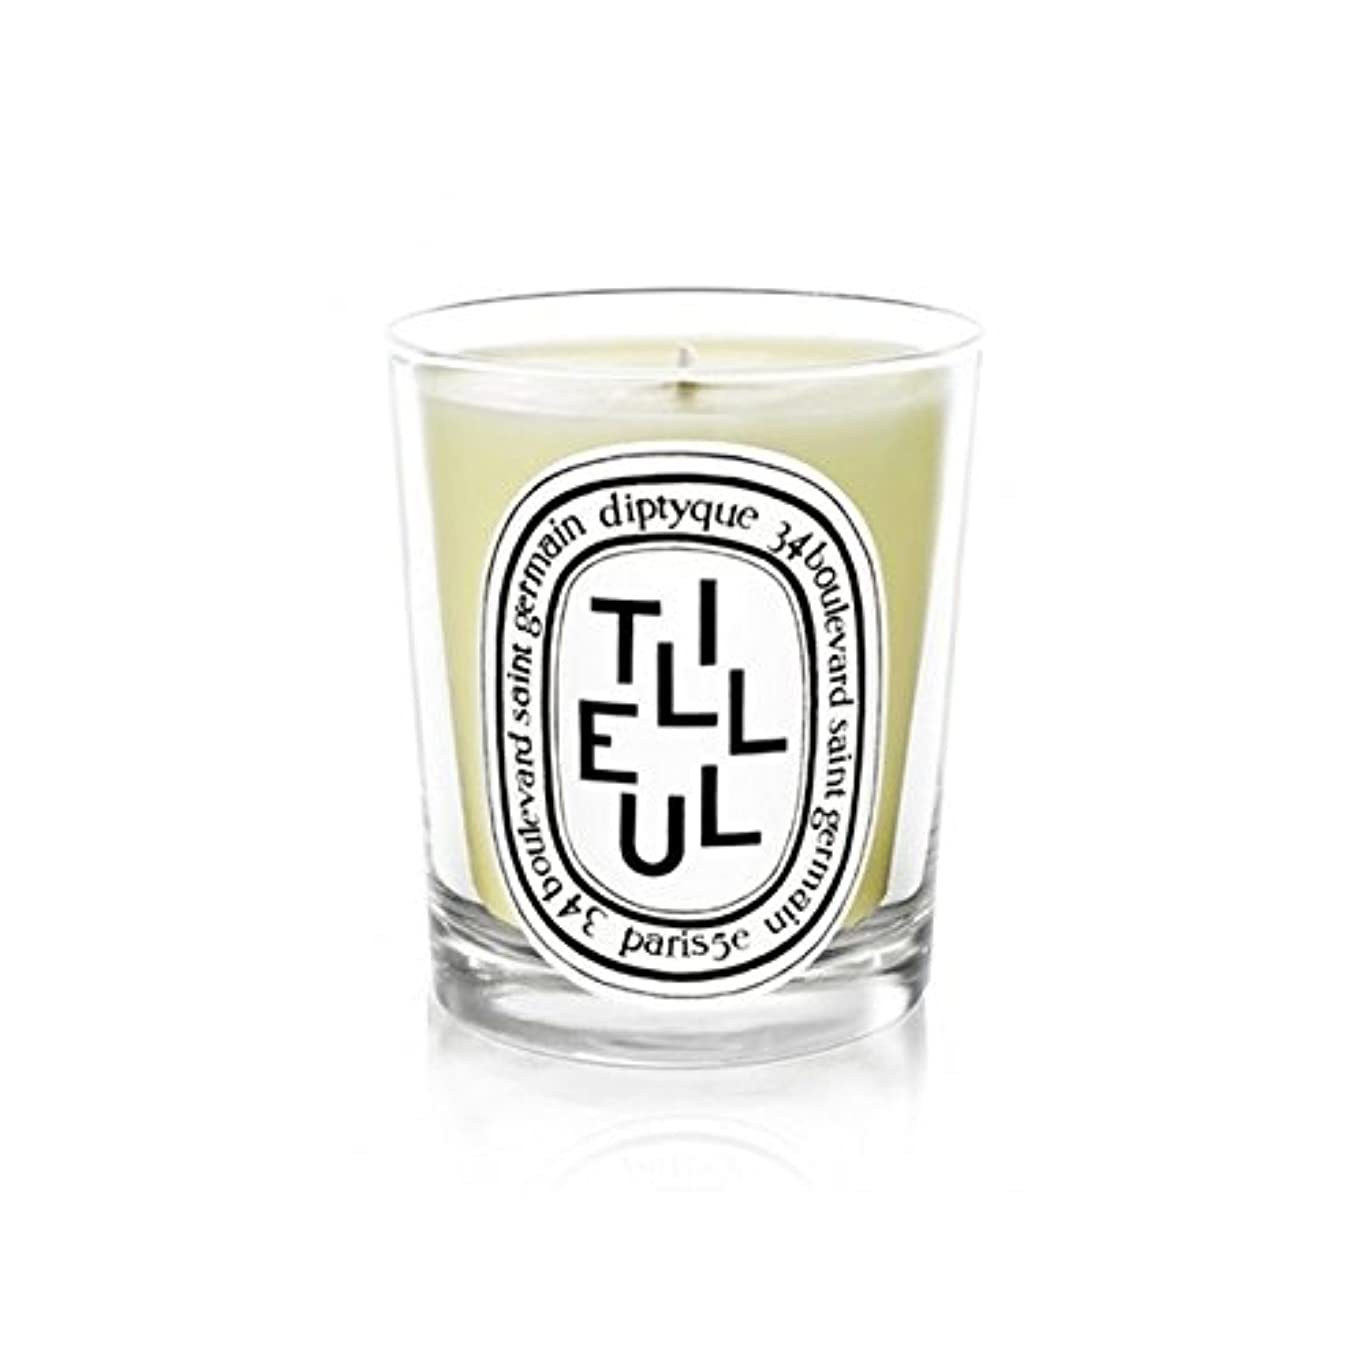 脅威ヘリコプタートランスミッションDiptyque Candle Tilleul / Linden Tree 190g (Pack of 2) - DiptyqueキャンドルTilleulの/菩提樹の190グラム (x2) [並行輸入品]